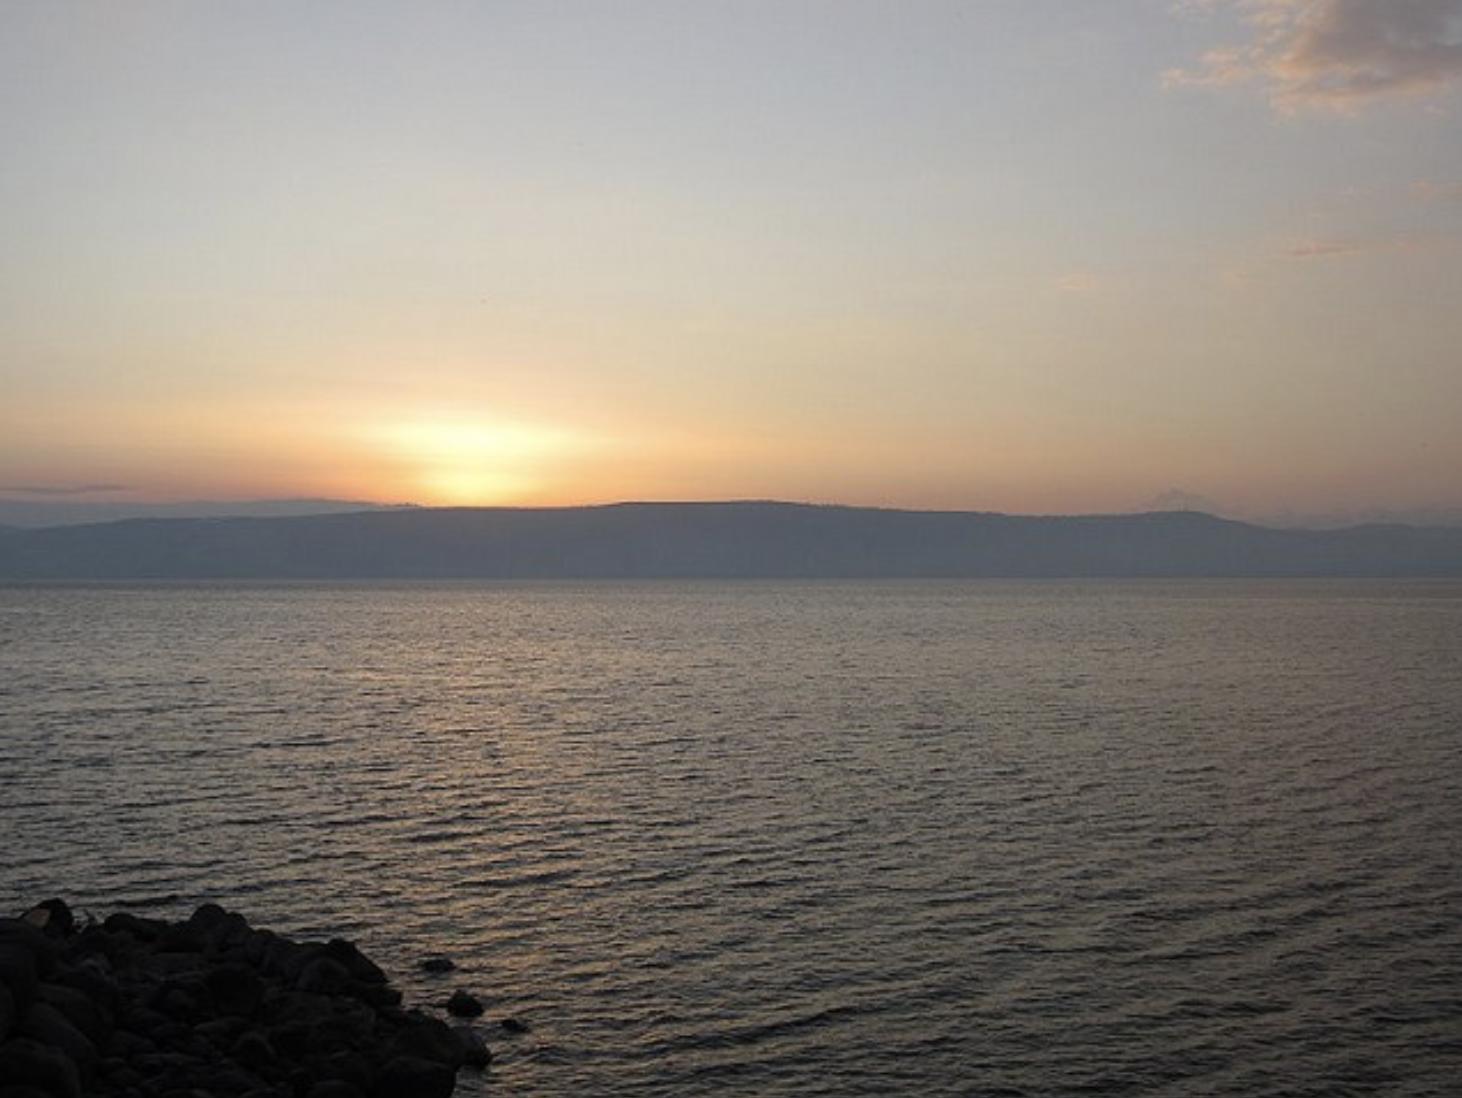 Sea of Galilee at dusk